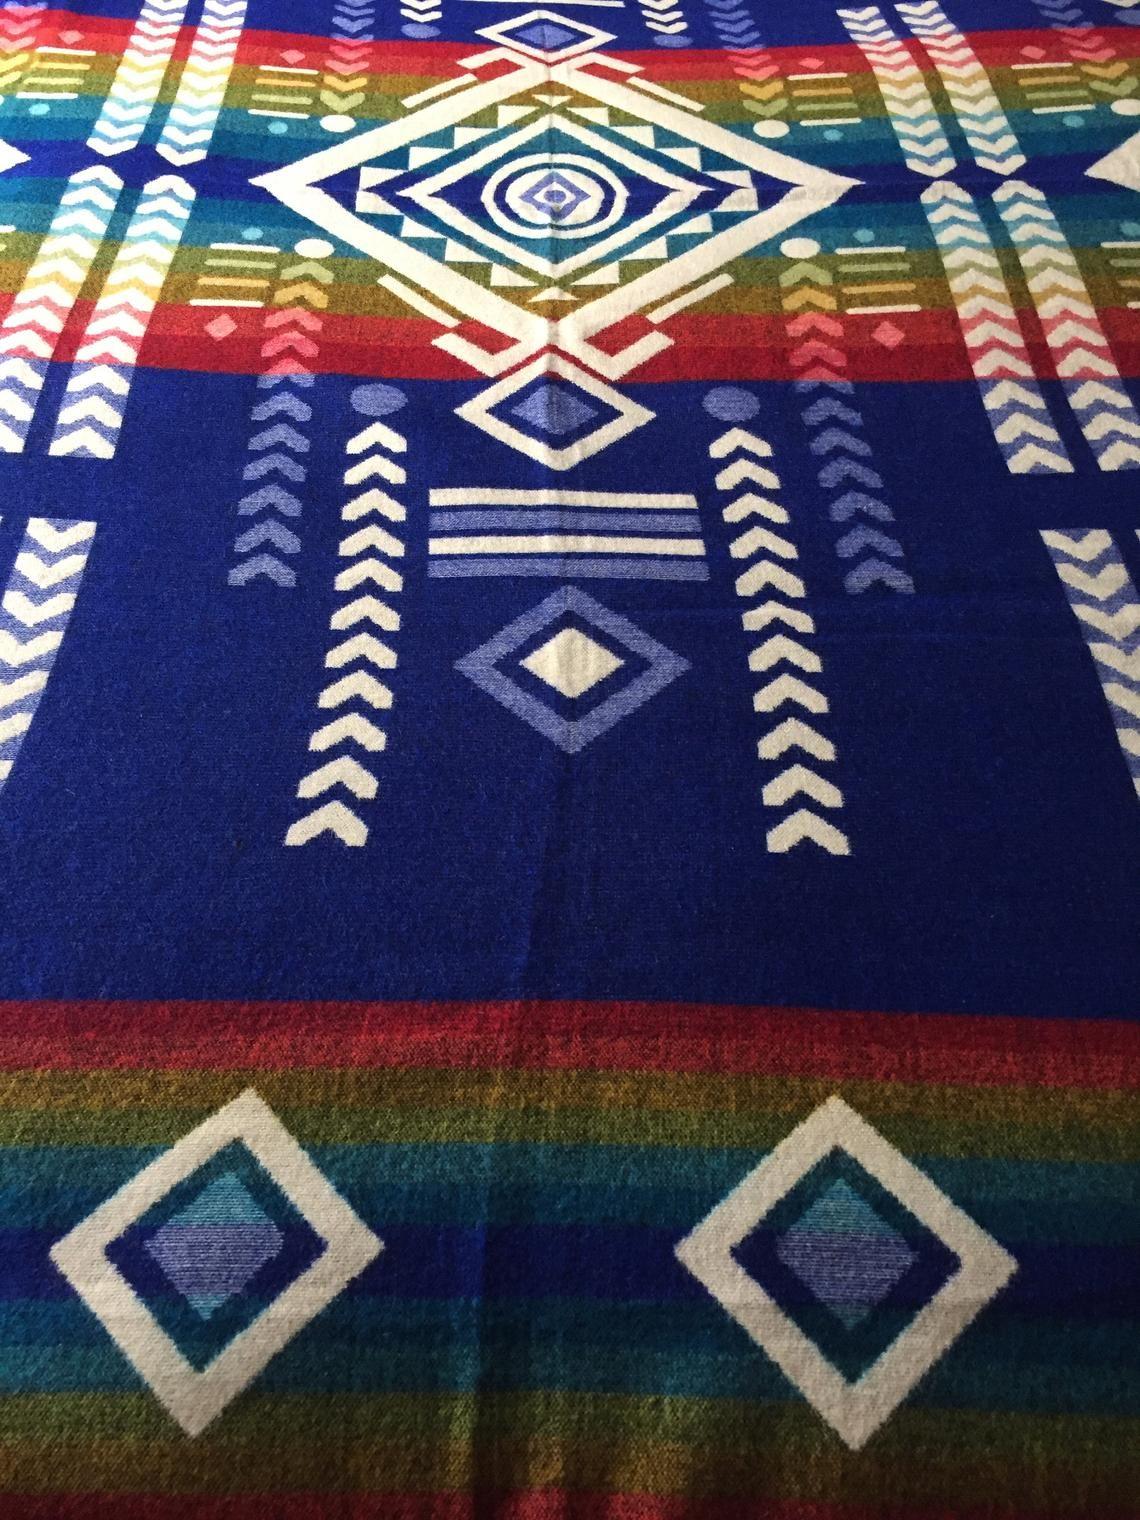 Alpaca Blanket Queen Reversible Etsy Alpaca Blanket Blanket Alpaca Throw